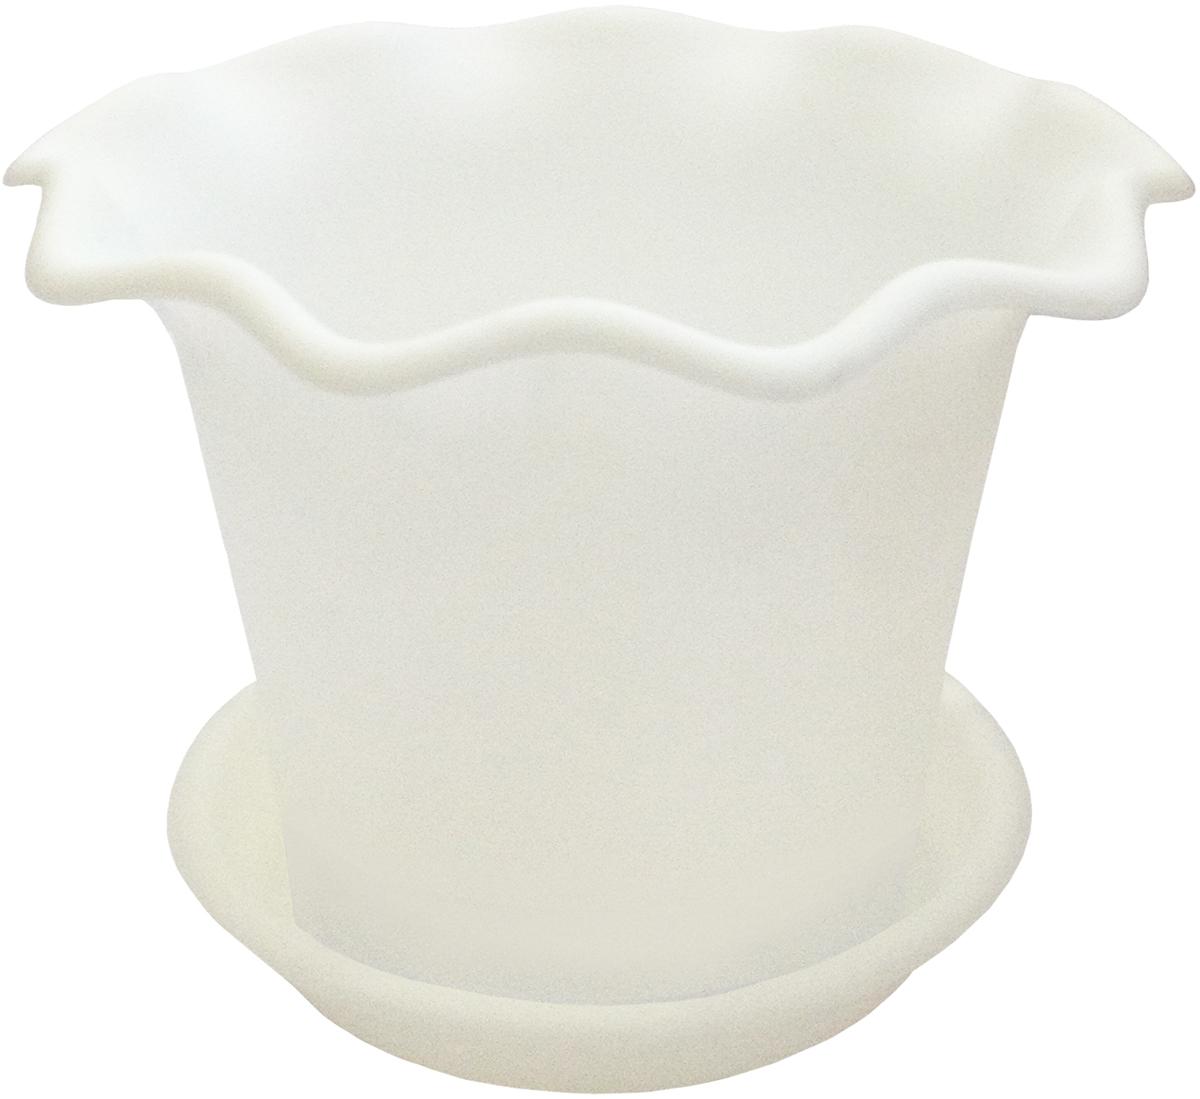 Горшок для цветов InGreen Бали, с поддоном, цвет: белый, диаметр 16 смING45016БЛГоршок InGreen Бали выполнен из высококачественного полипропилена (пластика) и предназначен для выращивания цветов, растений и трав. Снабжен поддоном для стока воды. Такой горшок порадует вас функциональностью, а благодаря лаконичному дизайну впишется в любой интерьер помещения. Диаметр горшка (по верхнему краю): 16 см. Высота горшка: 12,3 см.